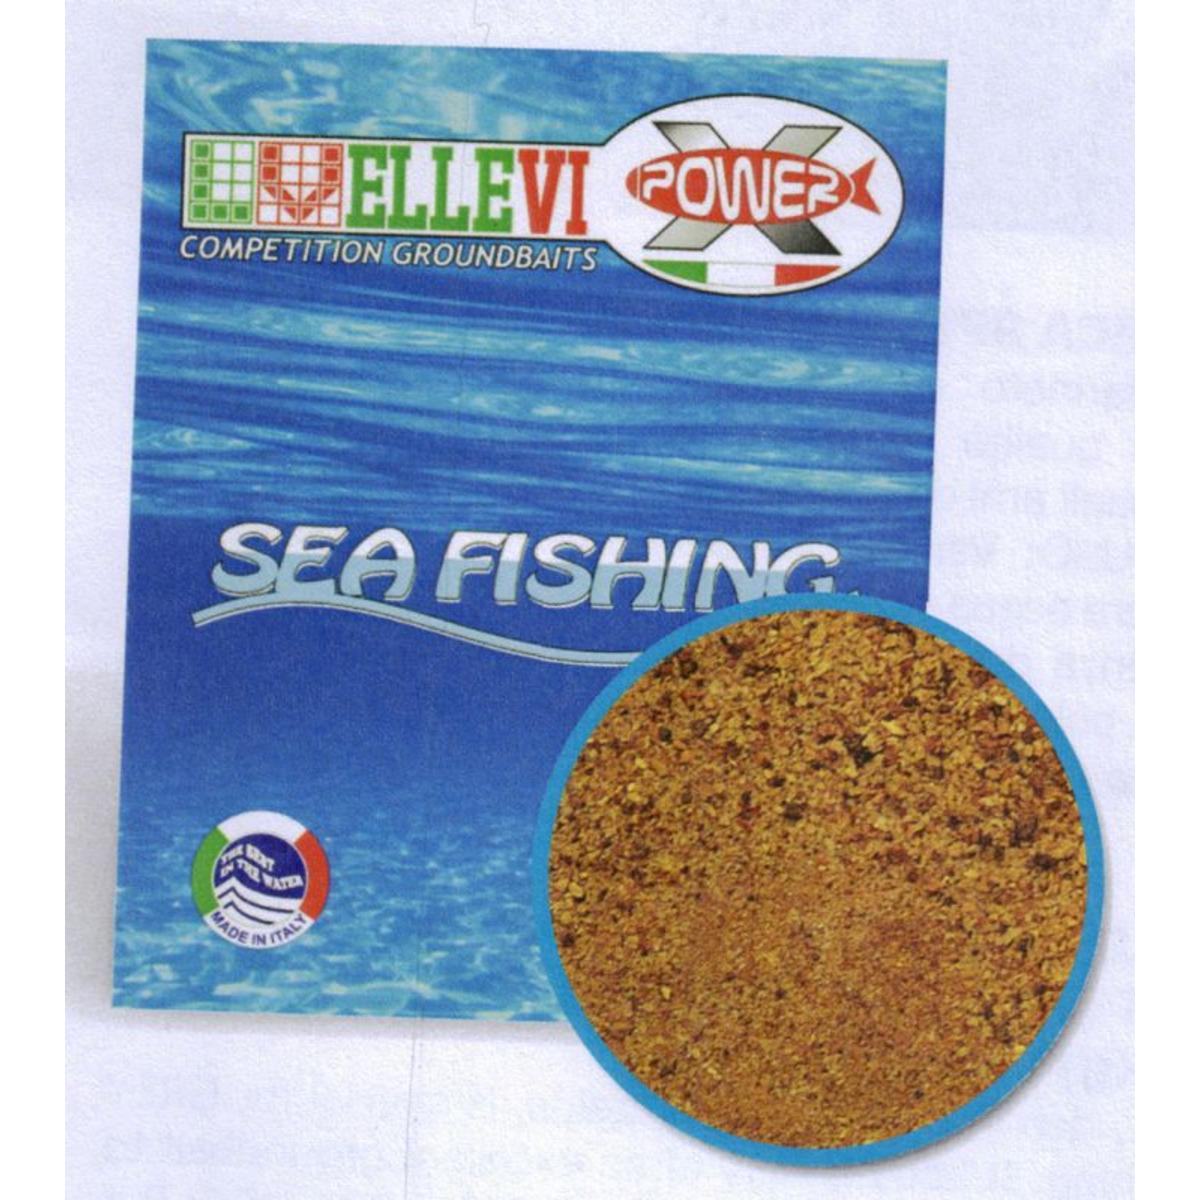 Ellevi Ködermischung Special Möchsfisch-Gelbstriemenbrasse - 1 kg